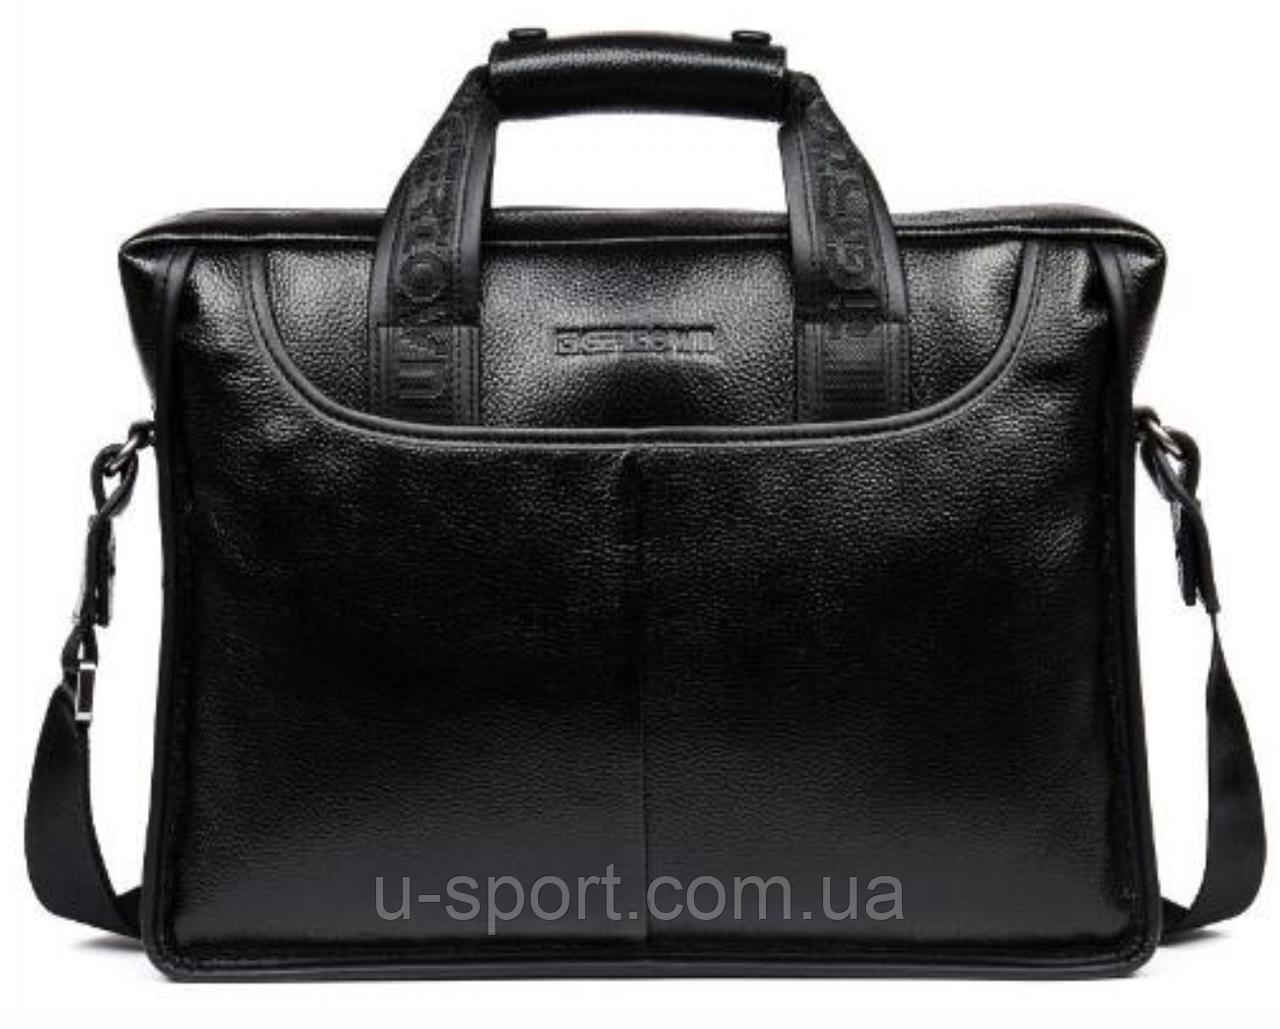 d6567c1cb311 Мужская кожаная сумка Ox Bag TigerTown (черная, натуральная кожа) -  Спортивный интернет-